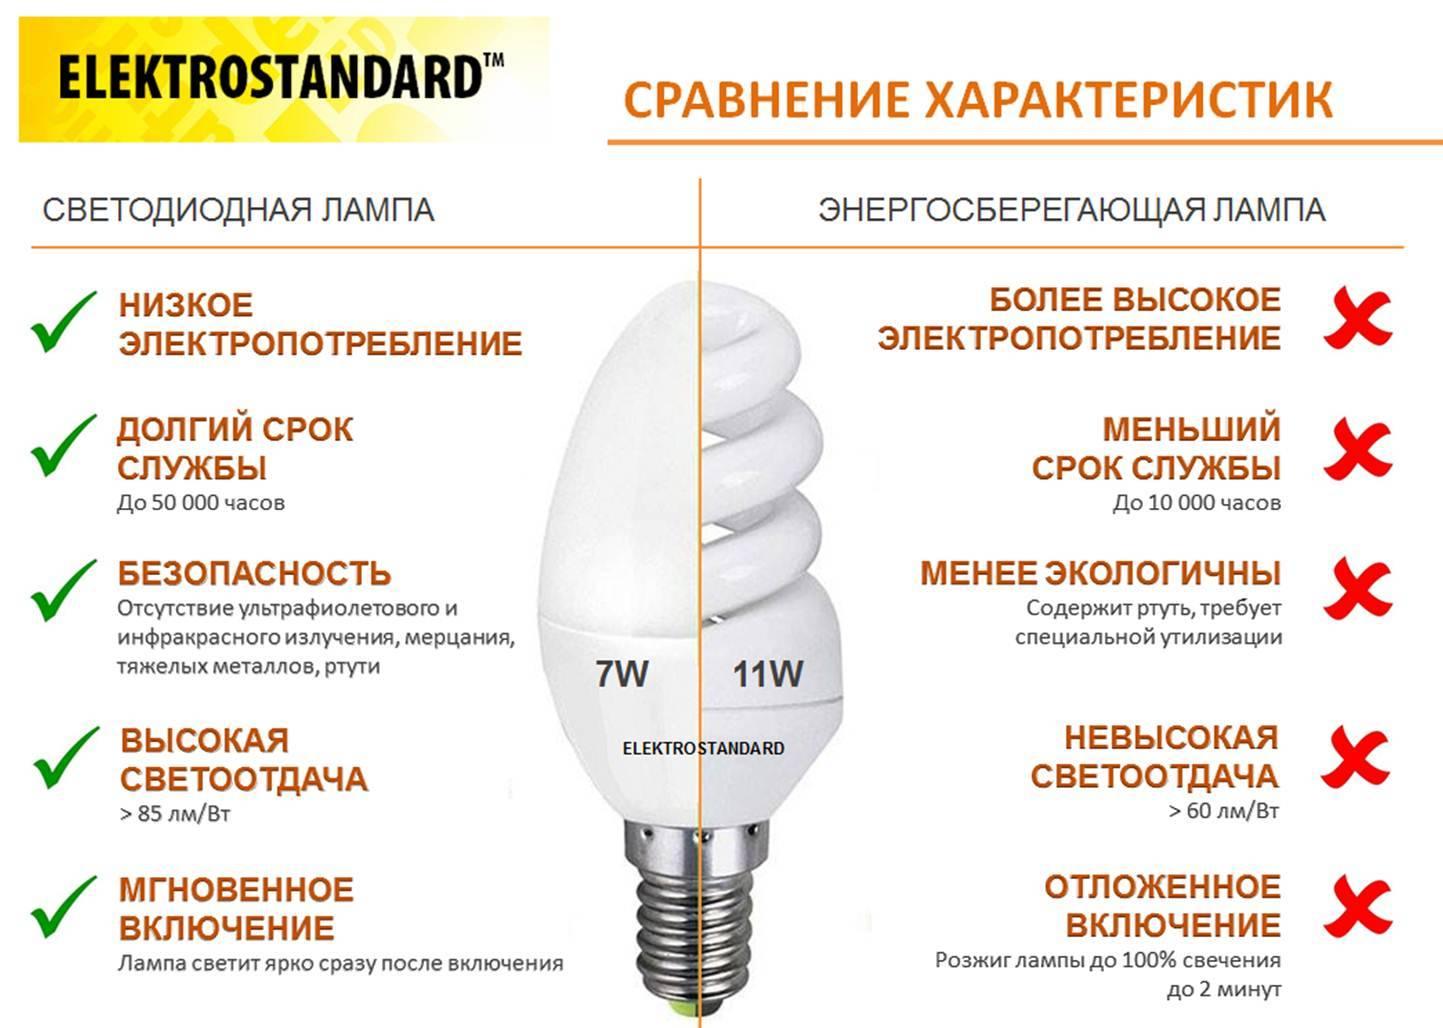 Преимущества и недостатки светодиодных ламп